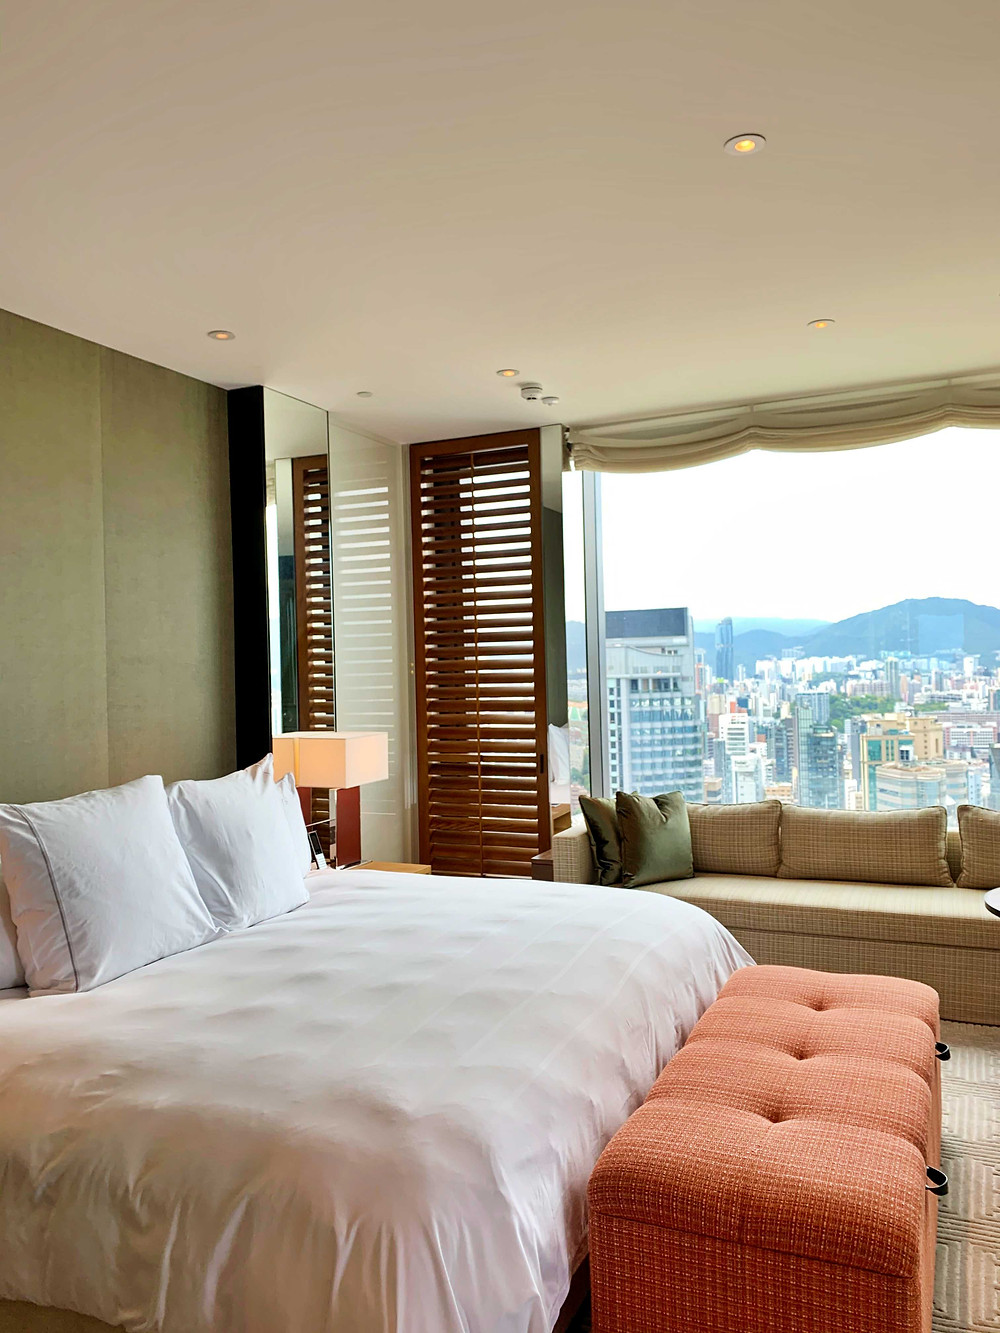 Bedroom at Rosewood Hong Kong